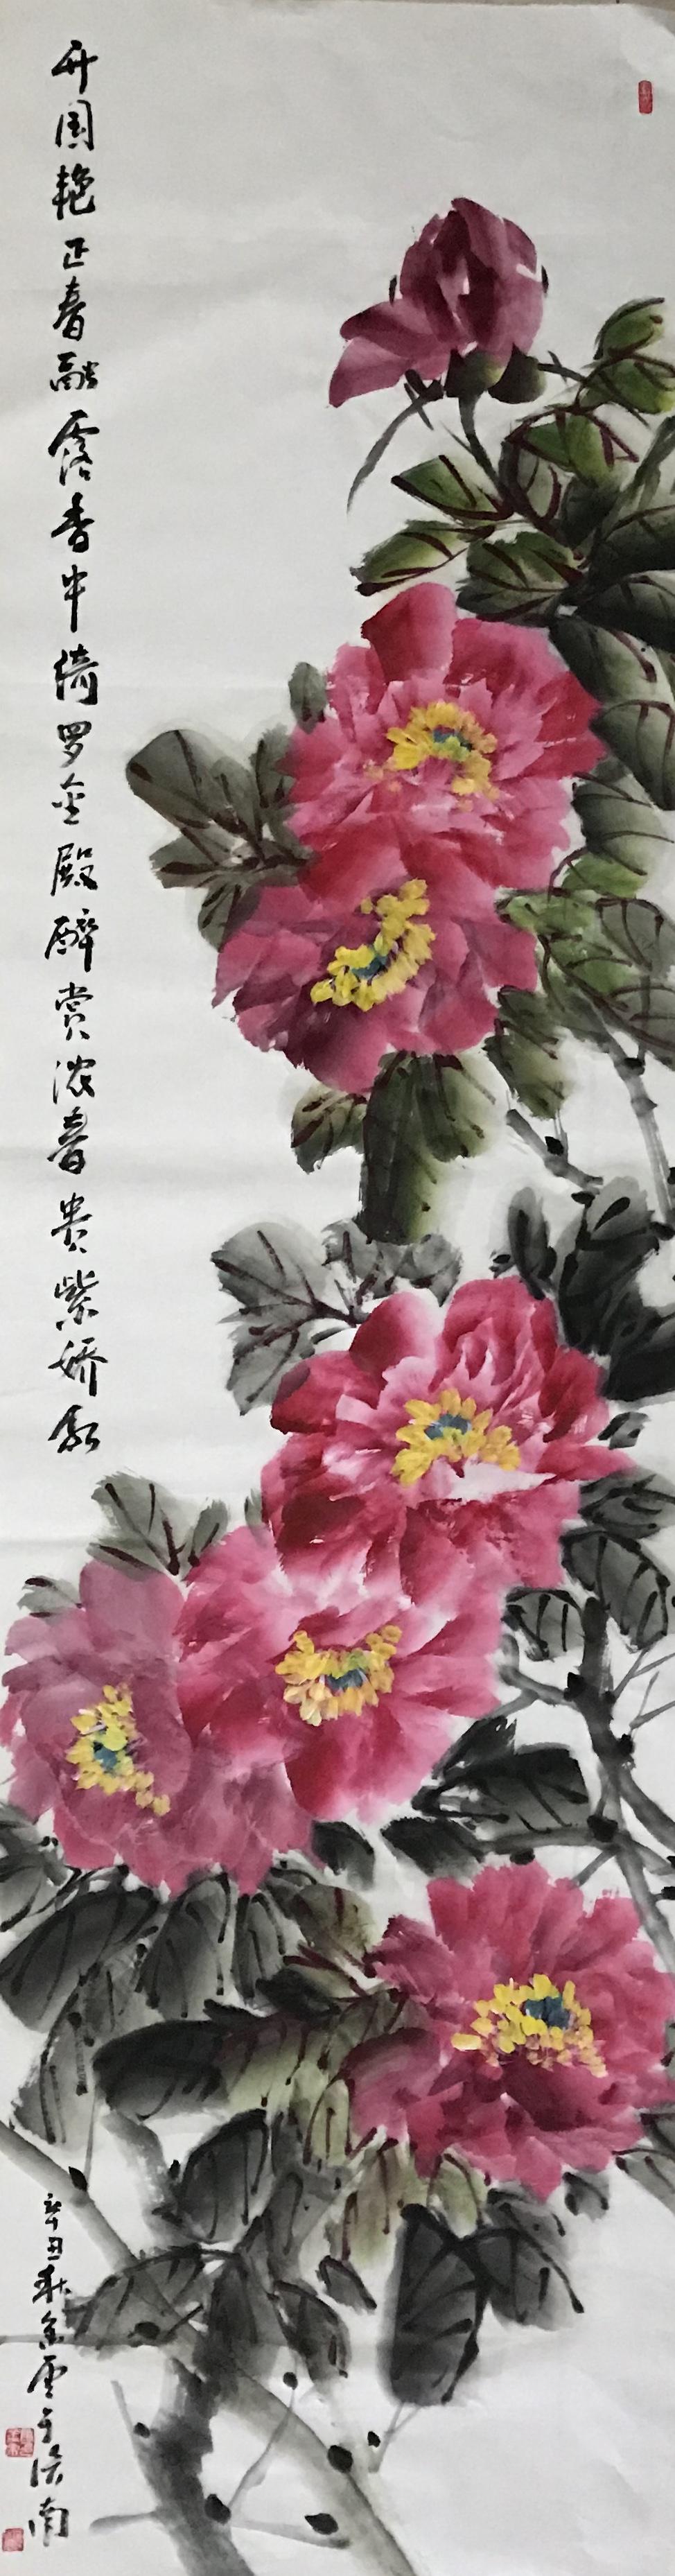 """""""花开盛世""""马金虎花鸟画展将于9月30日在济南府学文庙开展"""